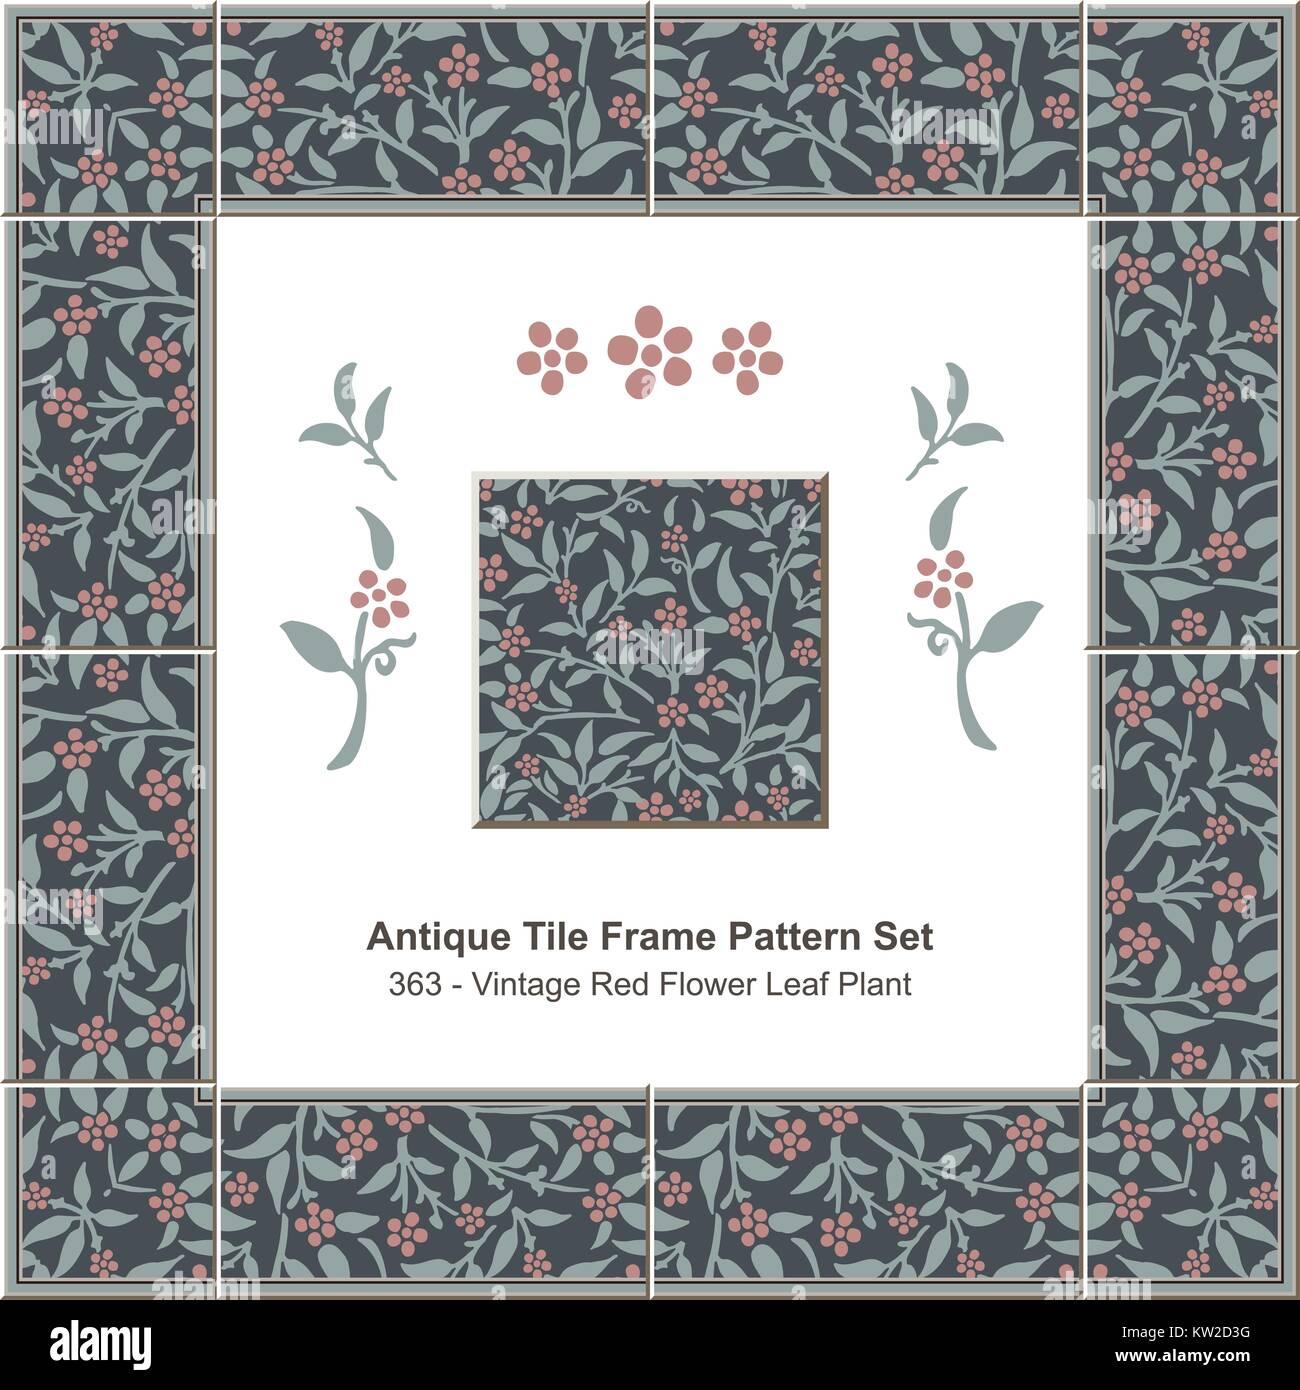 Antique tile frame pattern set Vintage Red Flower Leaf Plant Stock ...